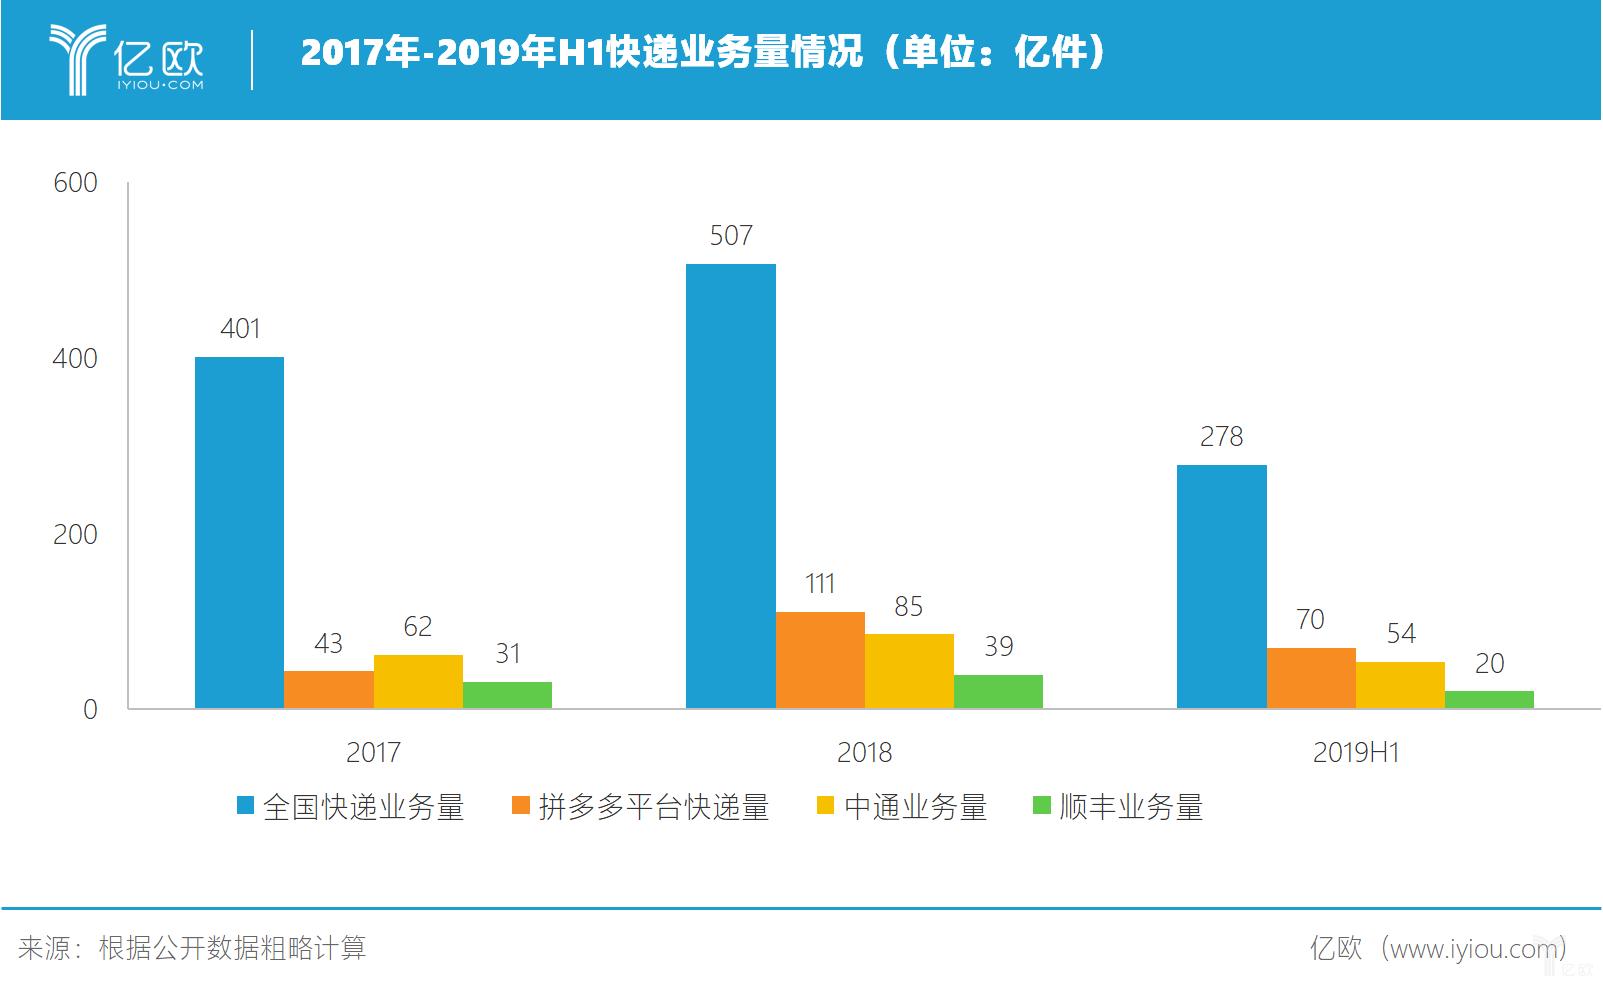 2017年-2019年H1快递业务量情况